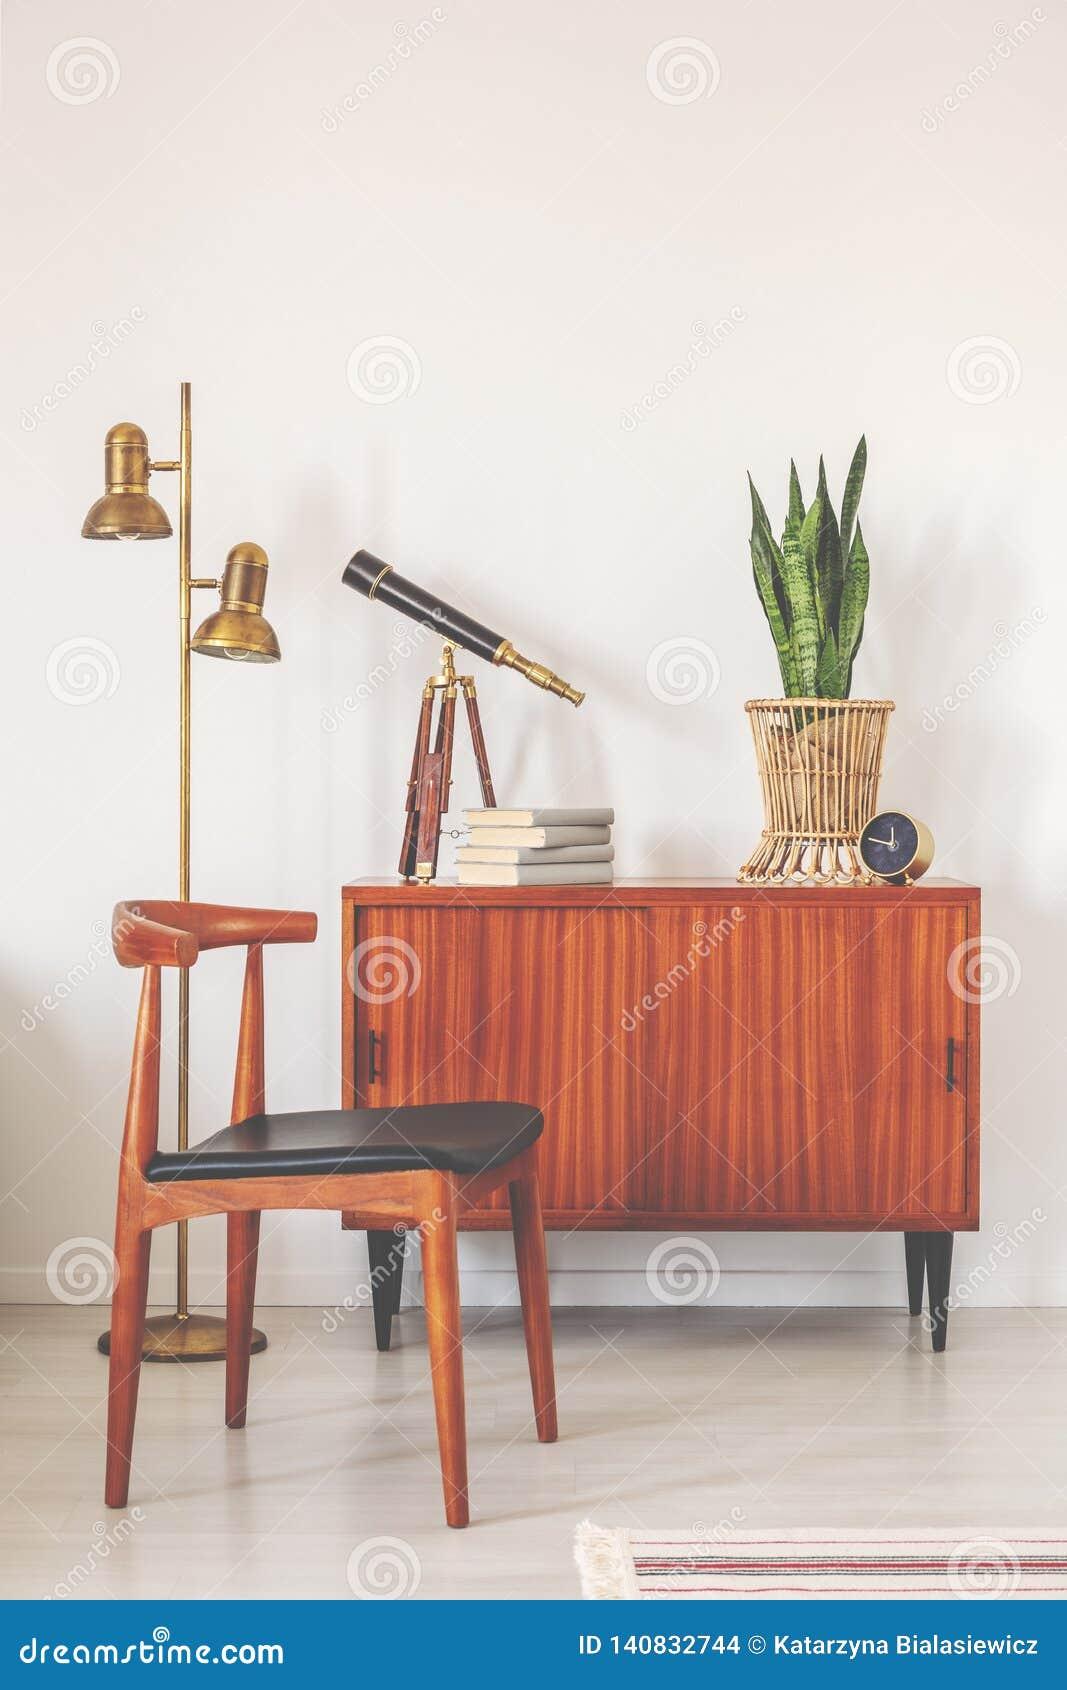 Moderiktig trästol bredvid det retro kabinettet med böcker och växten i krukan, verkligt foto med kopieringsutrymme på den tomma